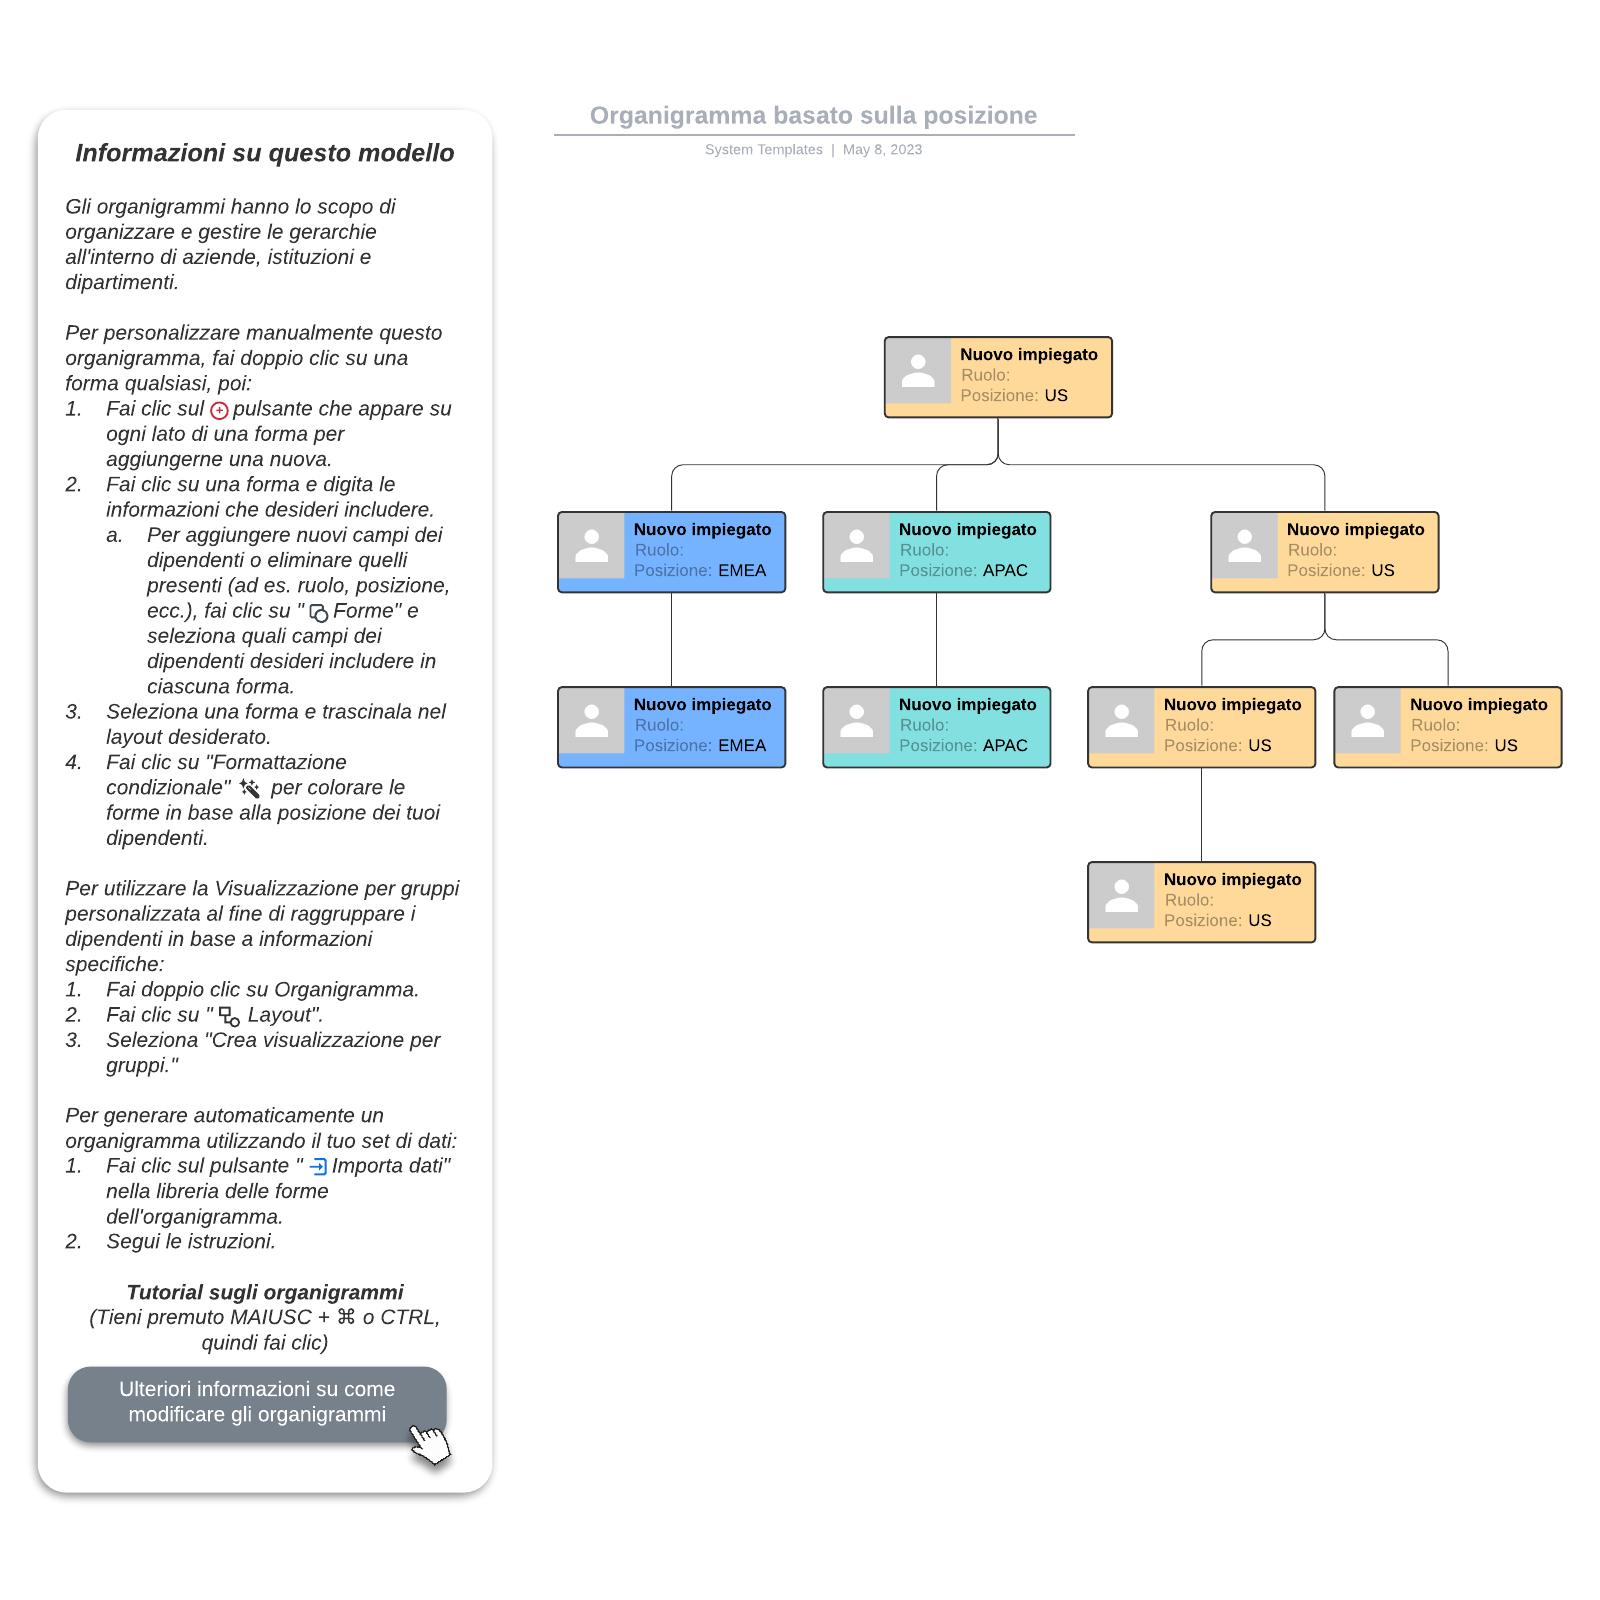 Organigramma basato sulla posizione